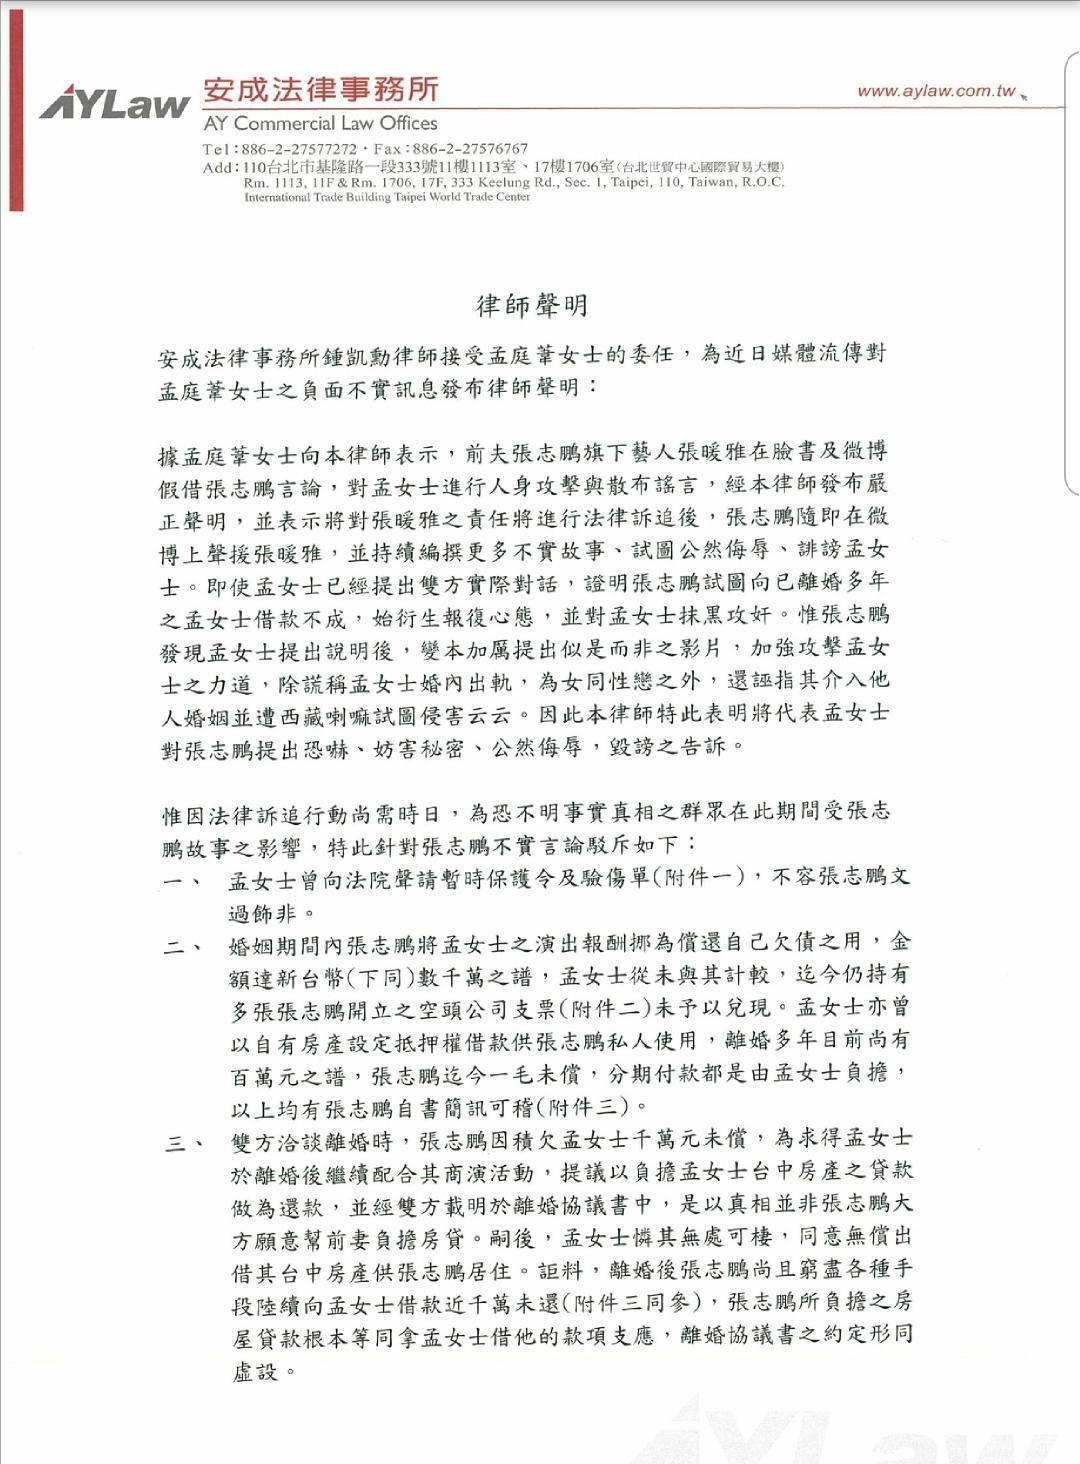 孟庭葦除了委託律師發表聲明,並附上保護令、家暴診斷書等證據。(豐華提供)